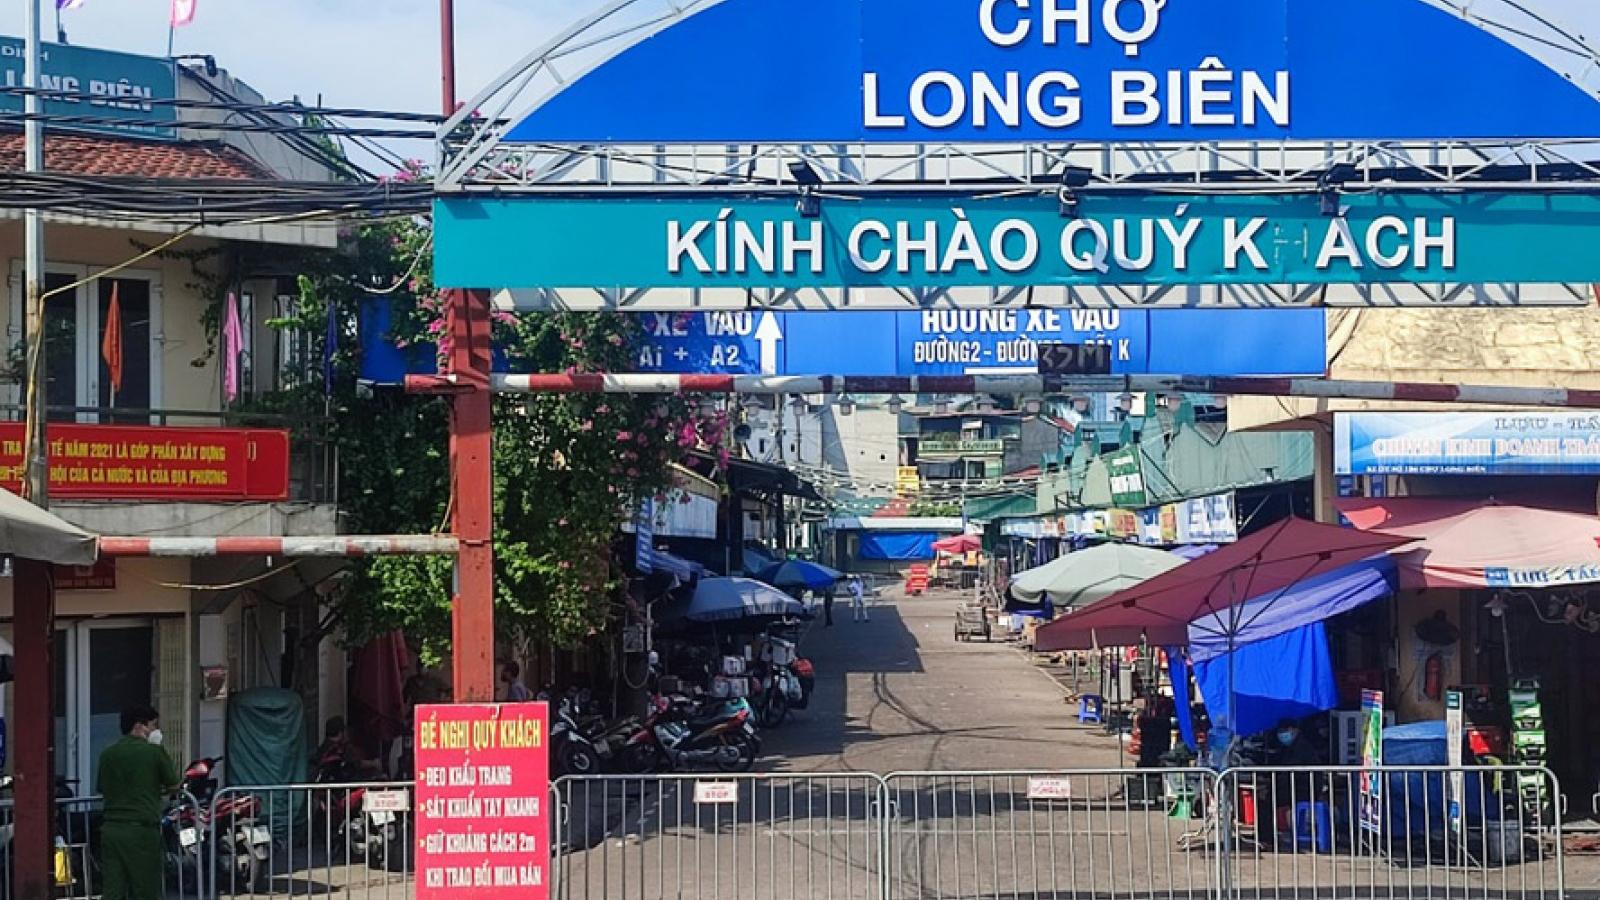 Hà Nội tìm người từng đến phường Phúc Xá, chợ Long Biên (Ba Đình)